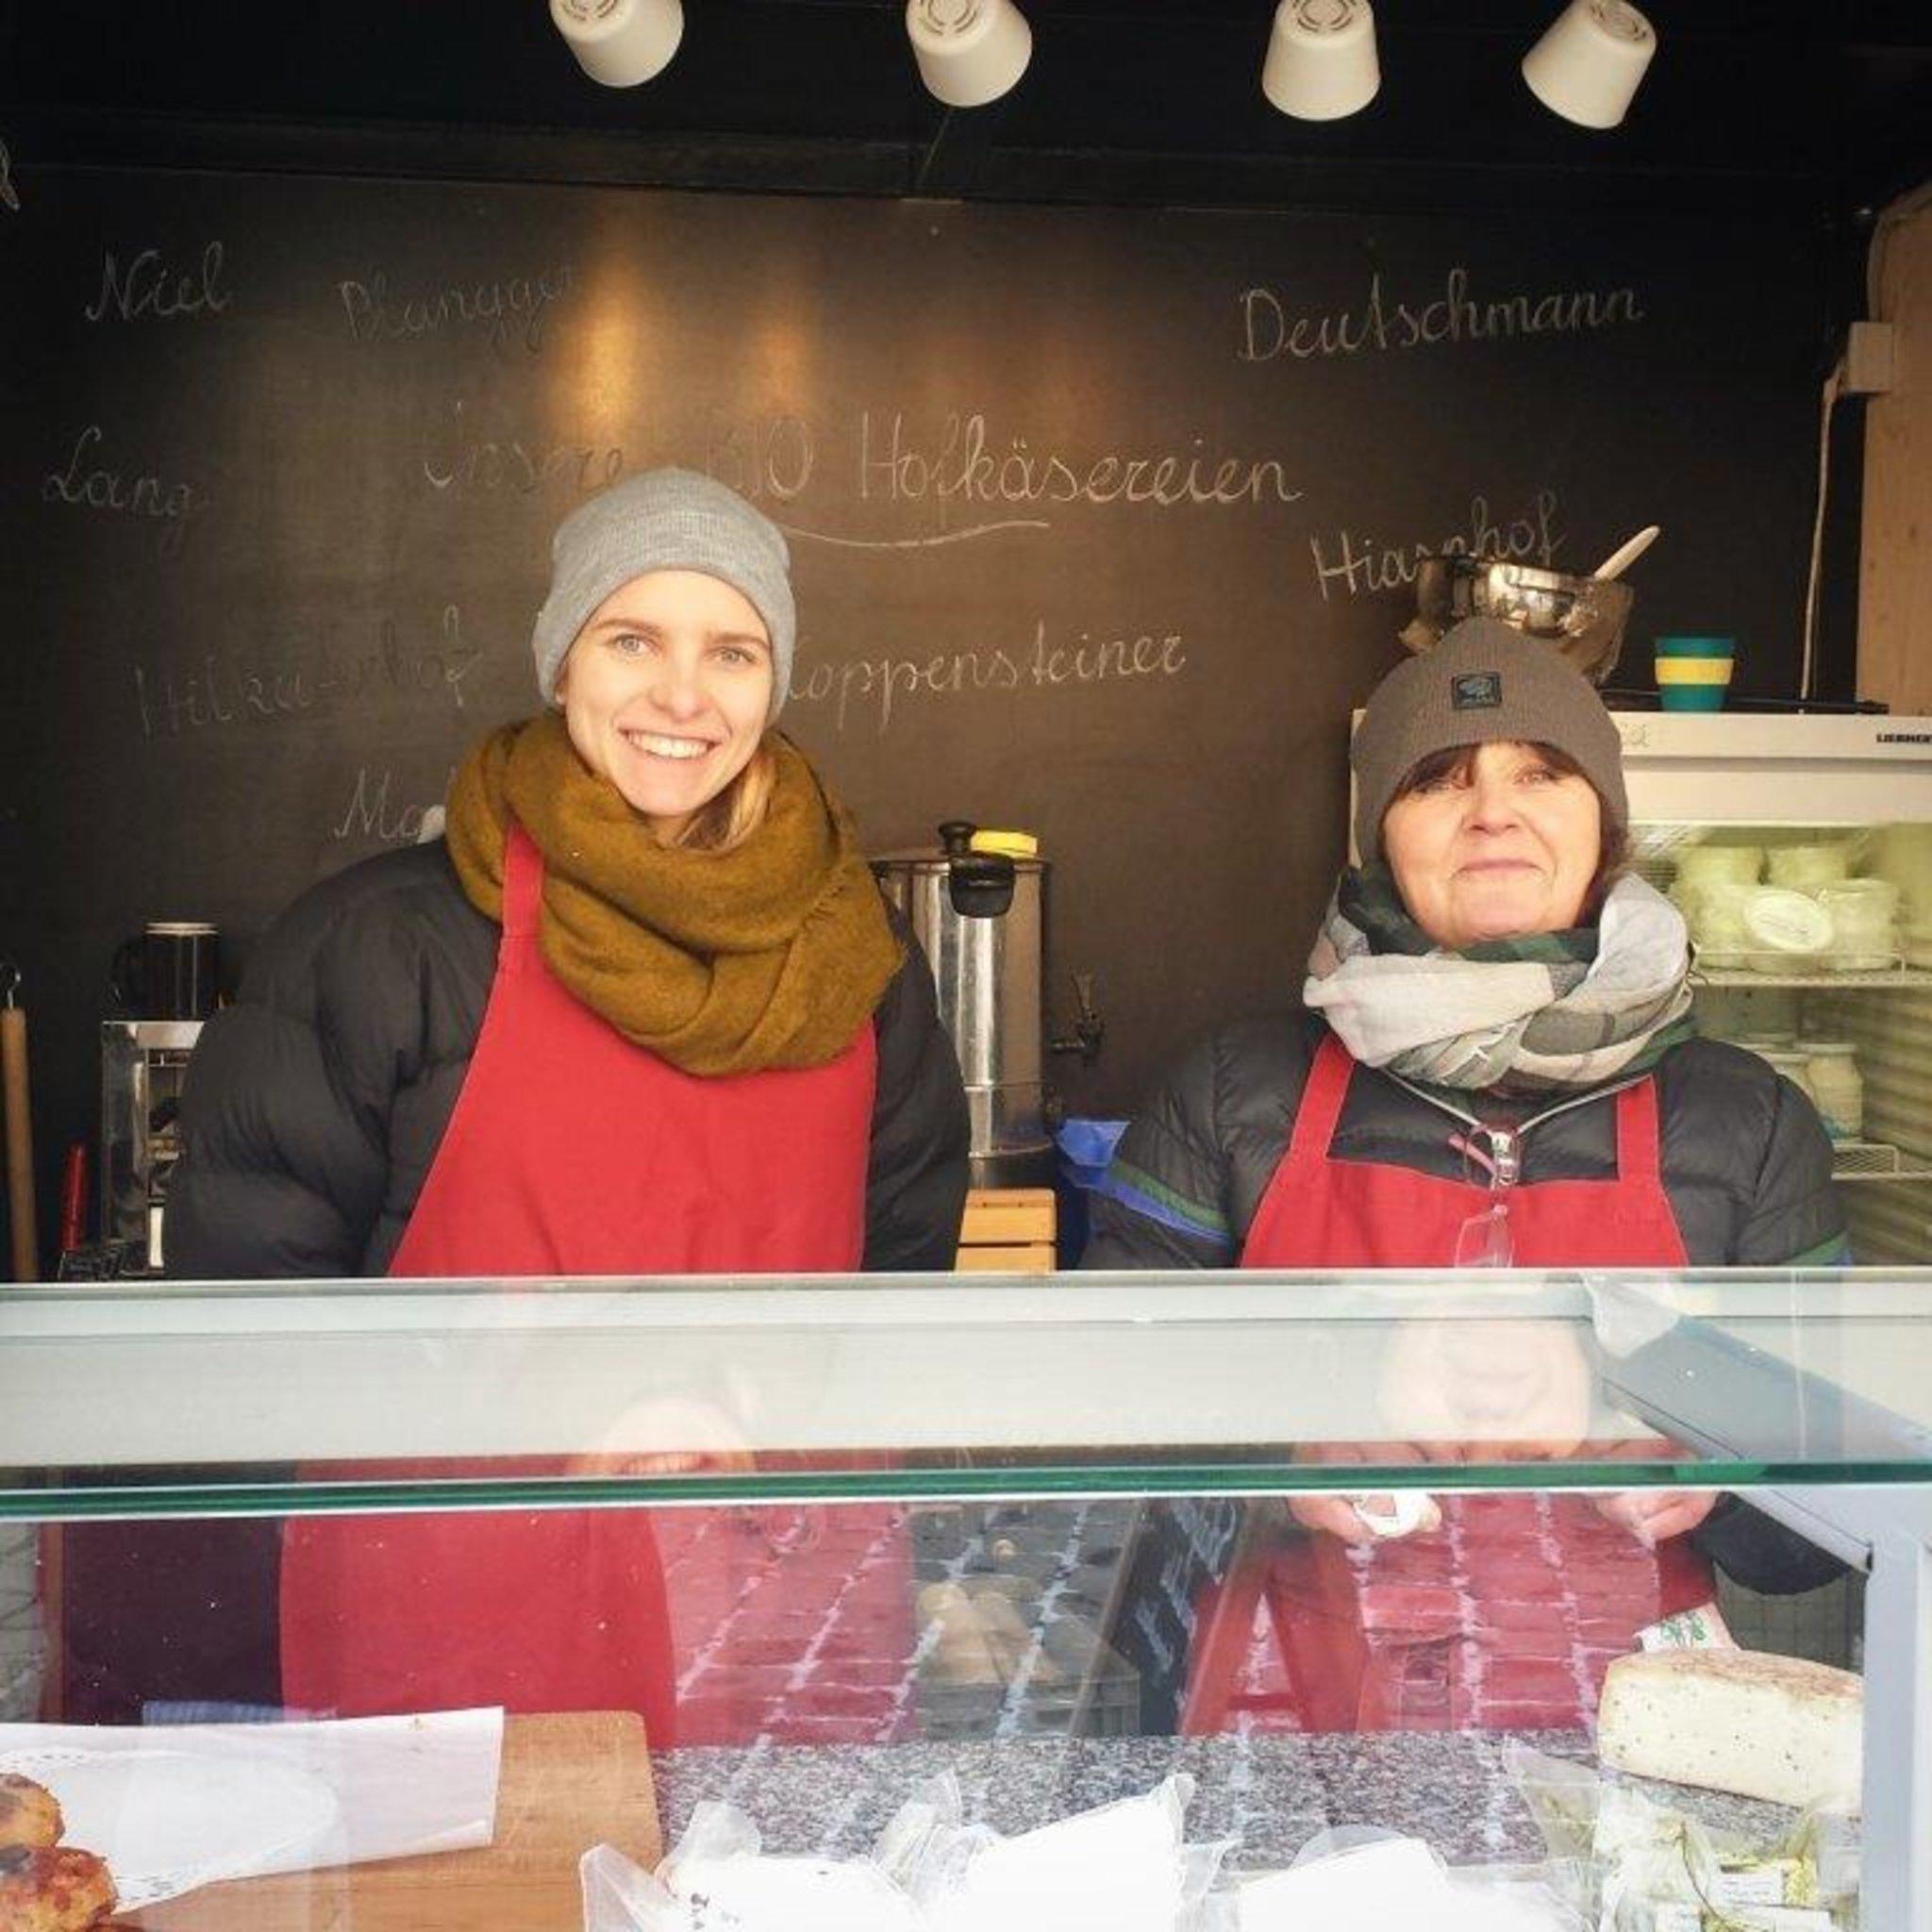 Biobauernmarkt Freyung - Die Marktstände am 8.und 9.November: Biobauernmarkt Freyung - Die Marktstände am 8.und 9.November - meinbezirk.at